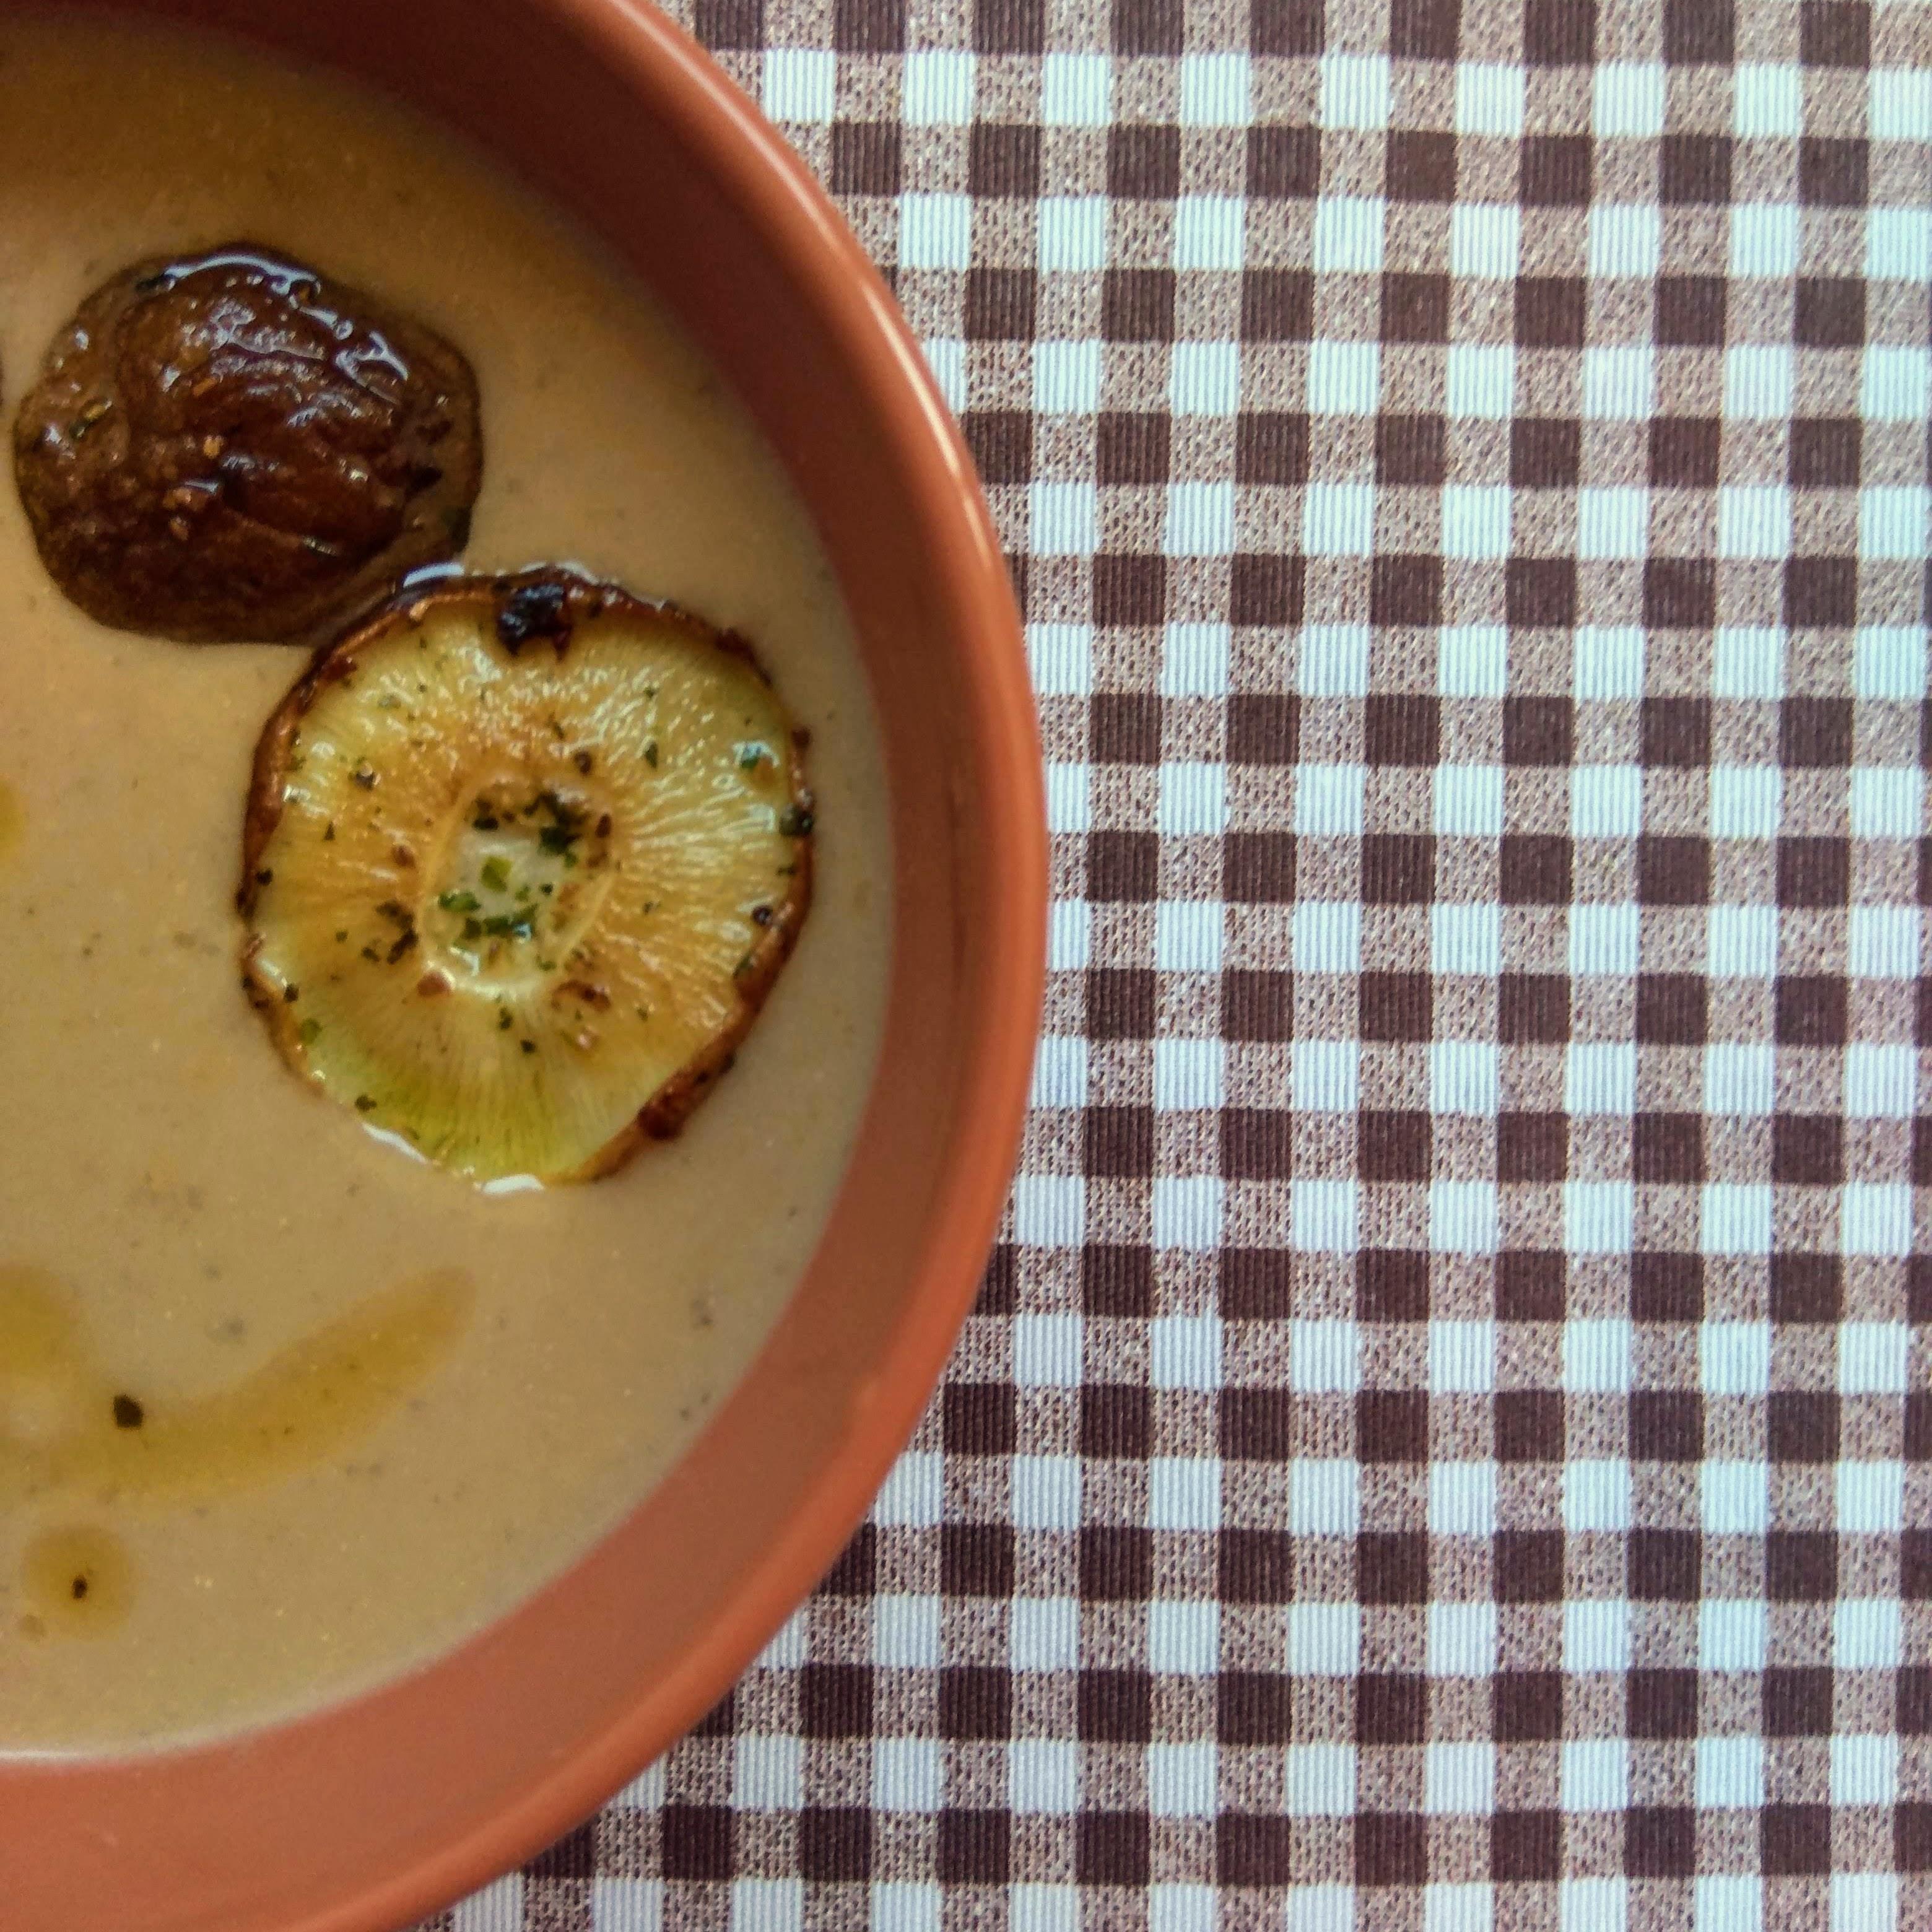 Receta de crema de setas shiitake y castañas. Descúbrela en: www.cocinandoconlola.com